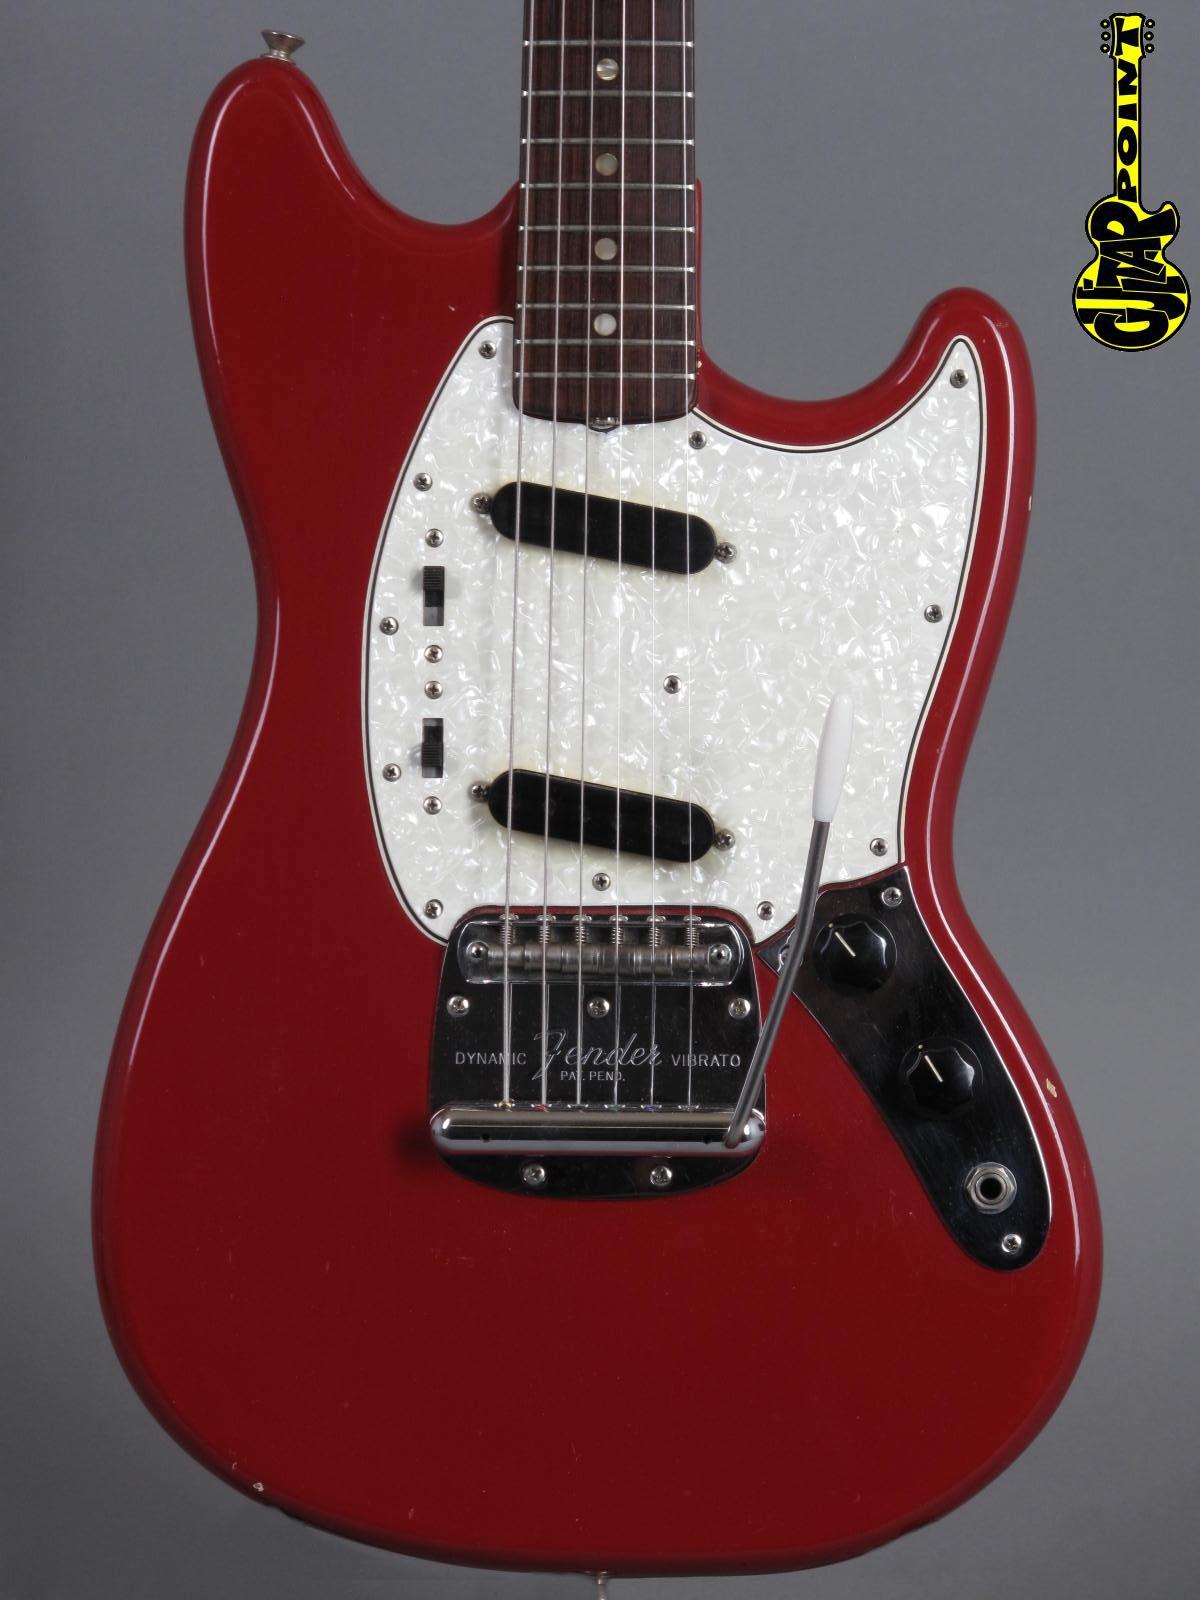 1966 Fender Mustang - Dakota Red